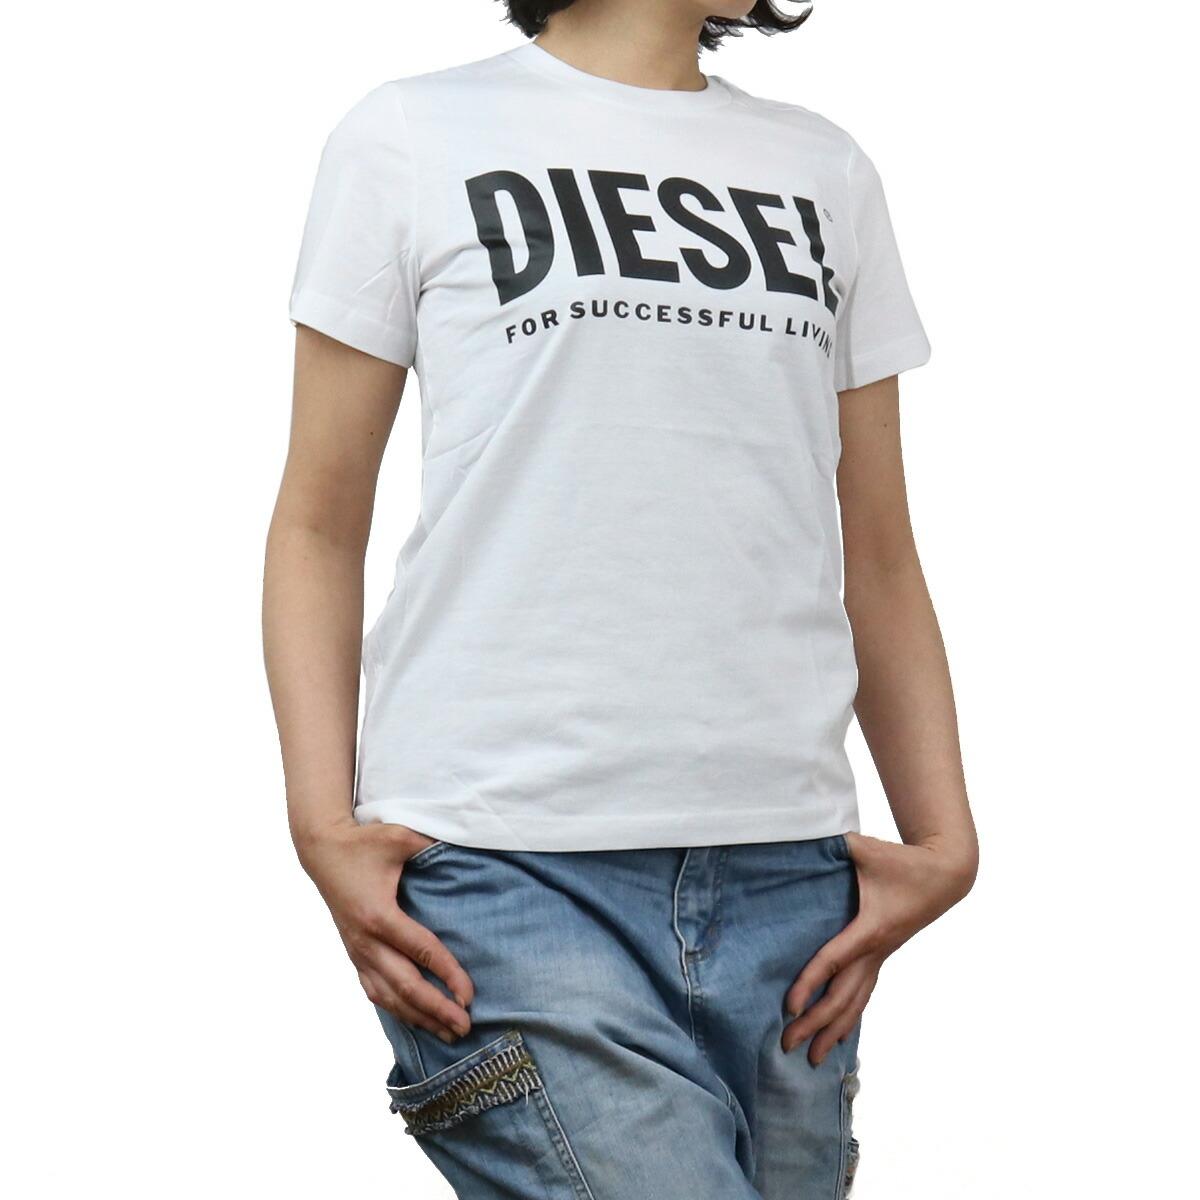 ディーゼル DIESEL レディース-Tシャツ 00SYW8 0CATJ 100 ホワイト系 bos-43 apparel-01 ts-01 レディース